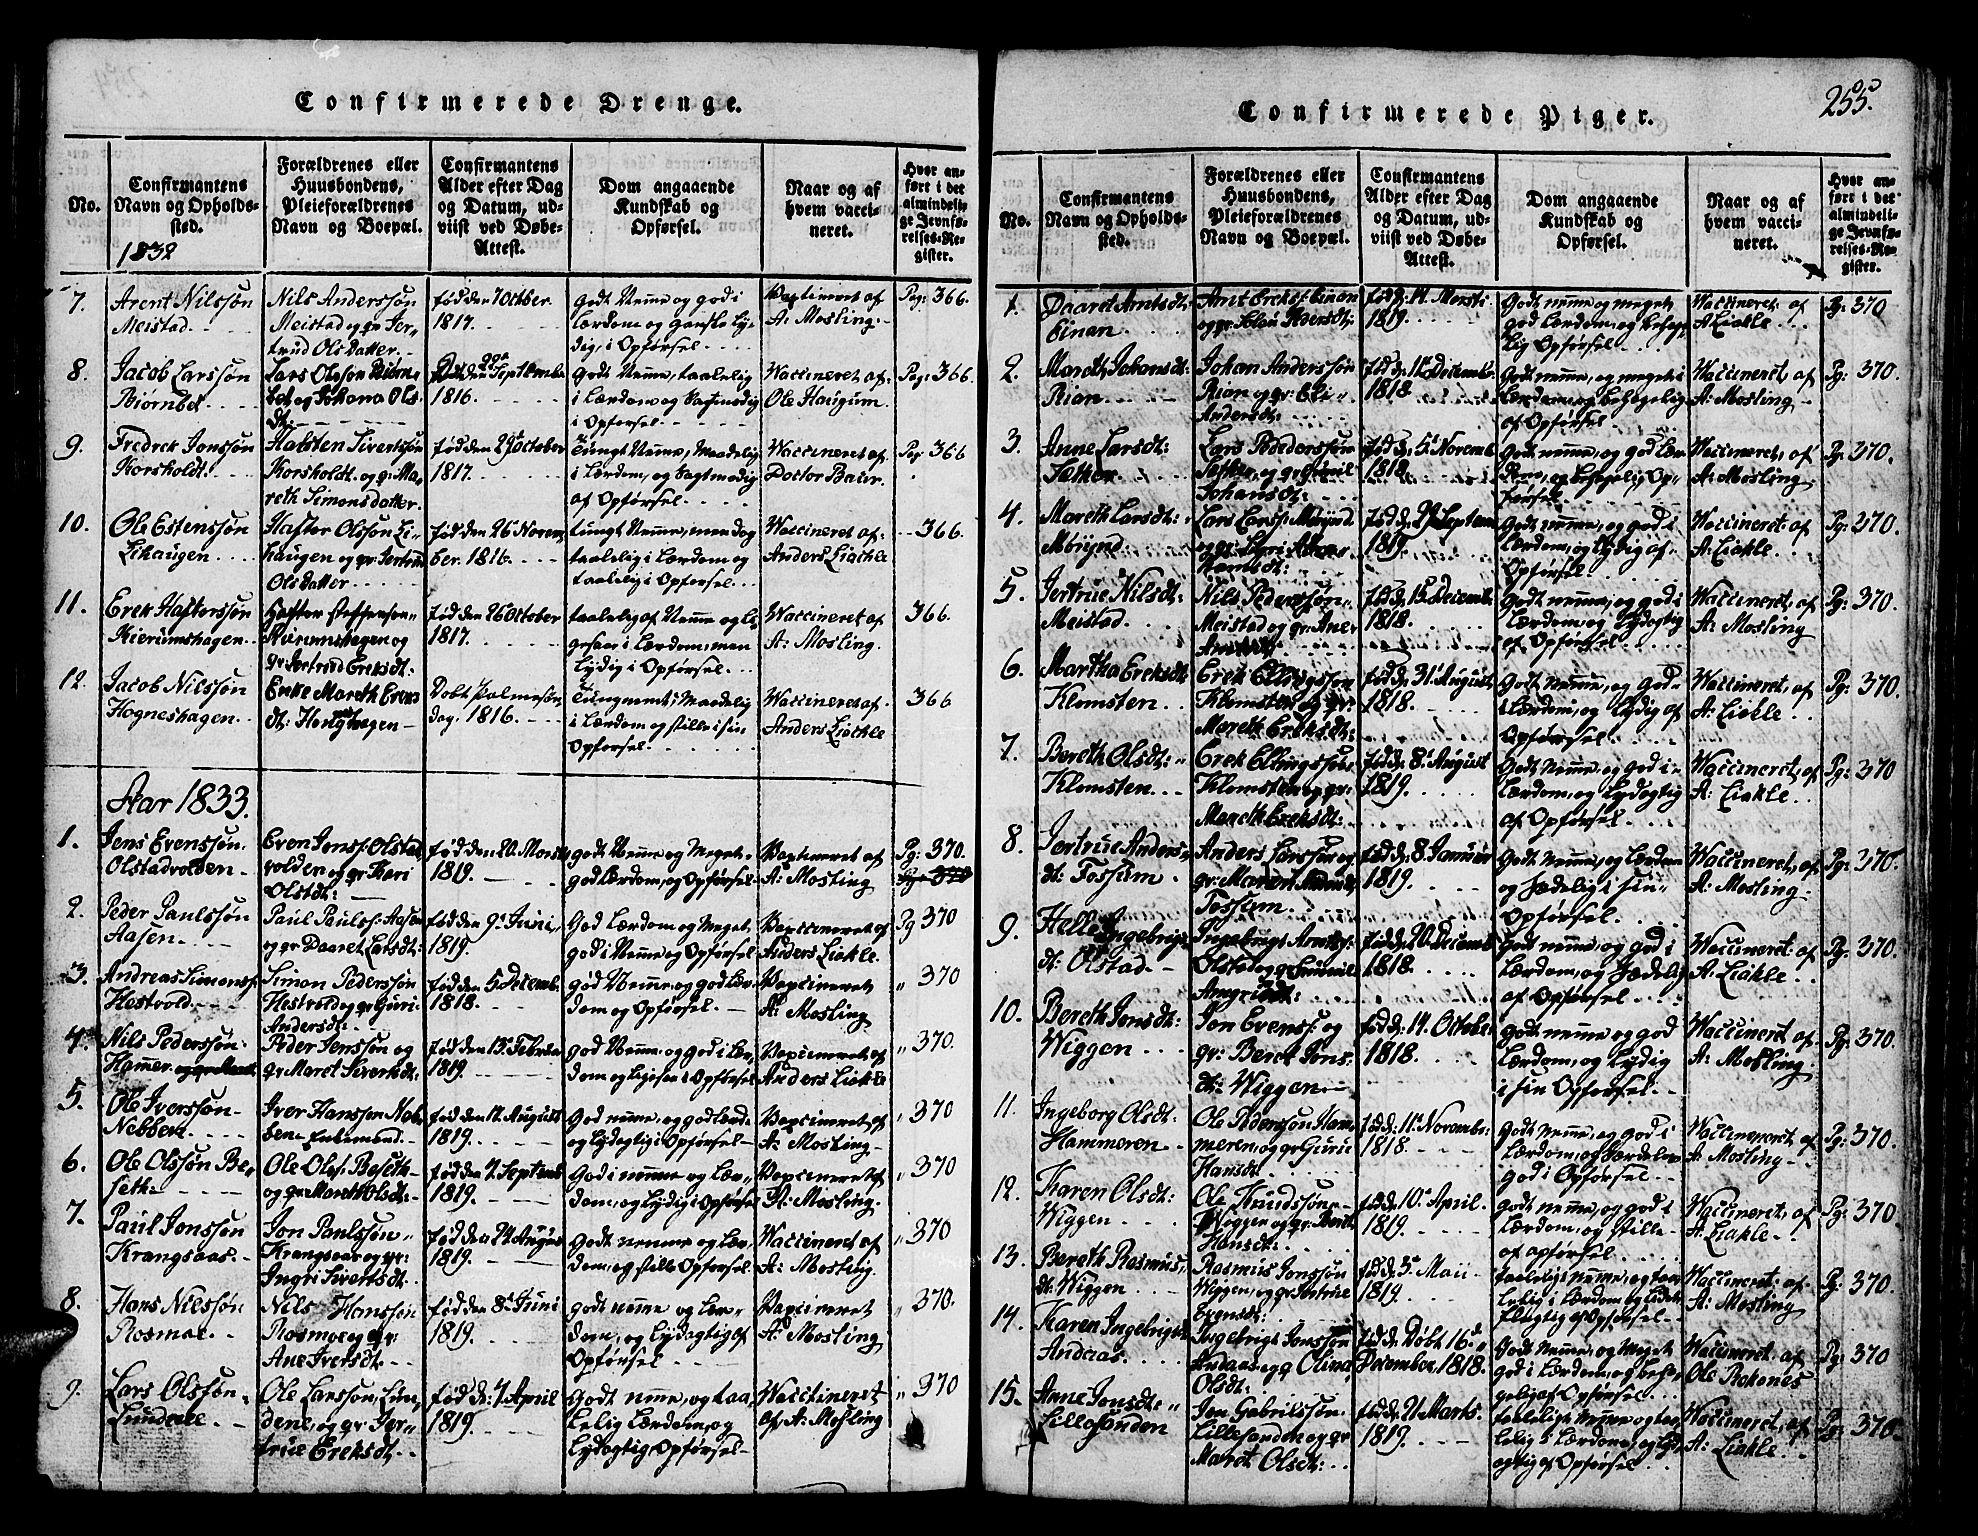 SAT, Ministerialprotokoller, klokkerbøker og fødselsregistre - Sør-Trøndelag, 665/L0776: Klokkerbok nr. 665C01, 1817-1837, s. 255